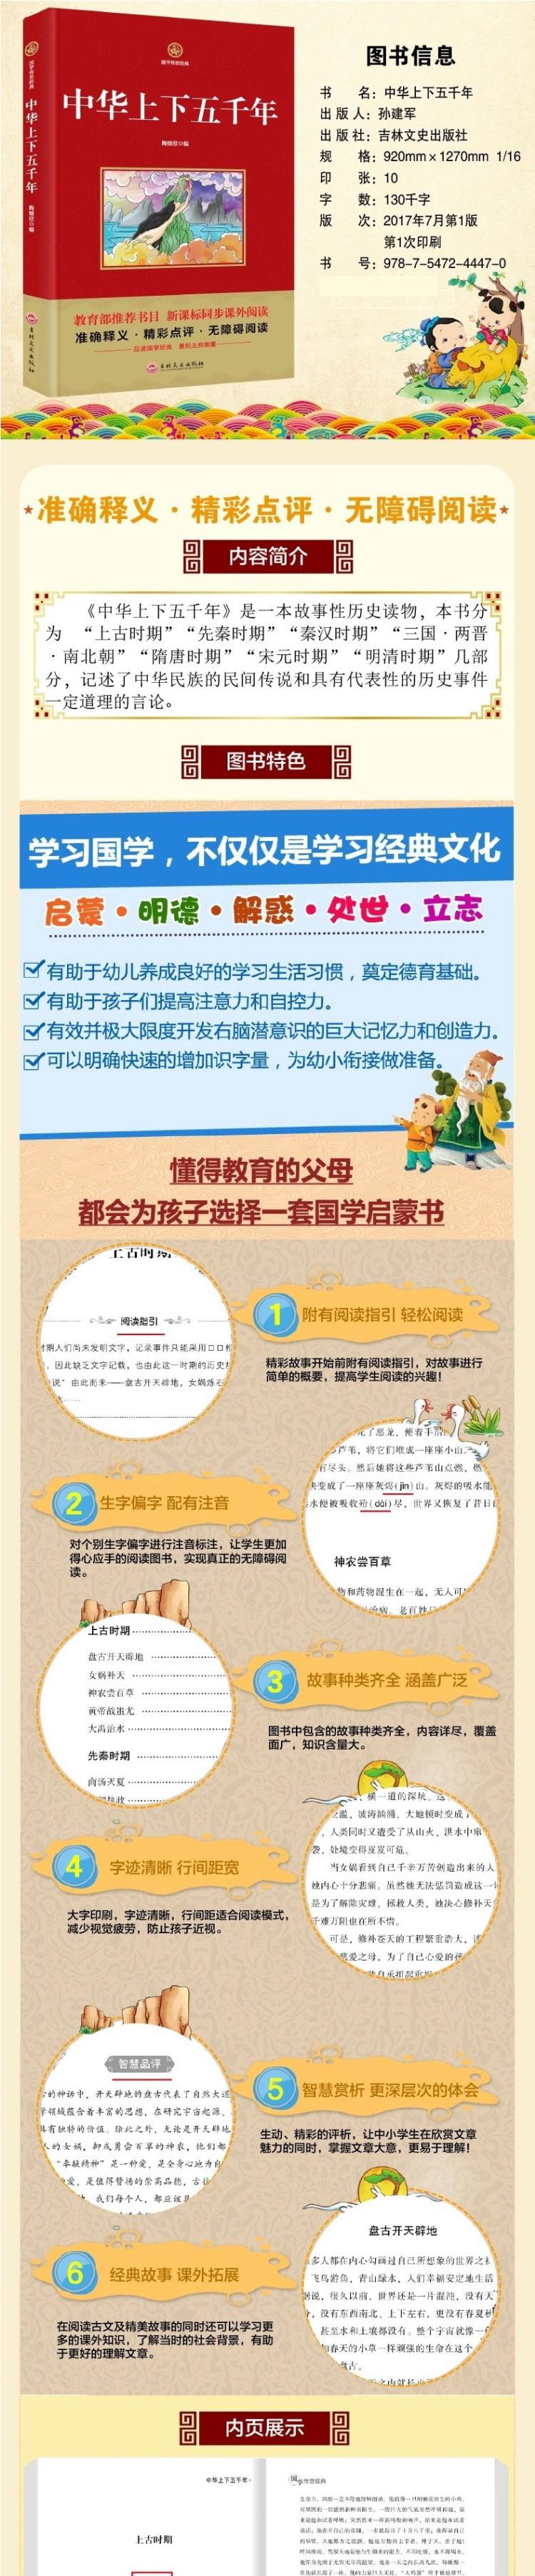 中華上下五千年-国学伝世経典